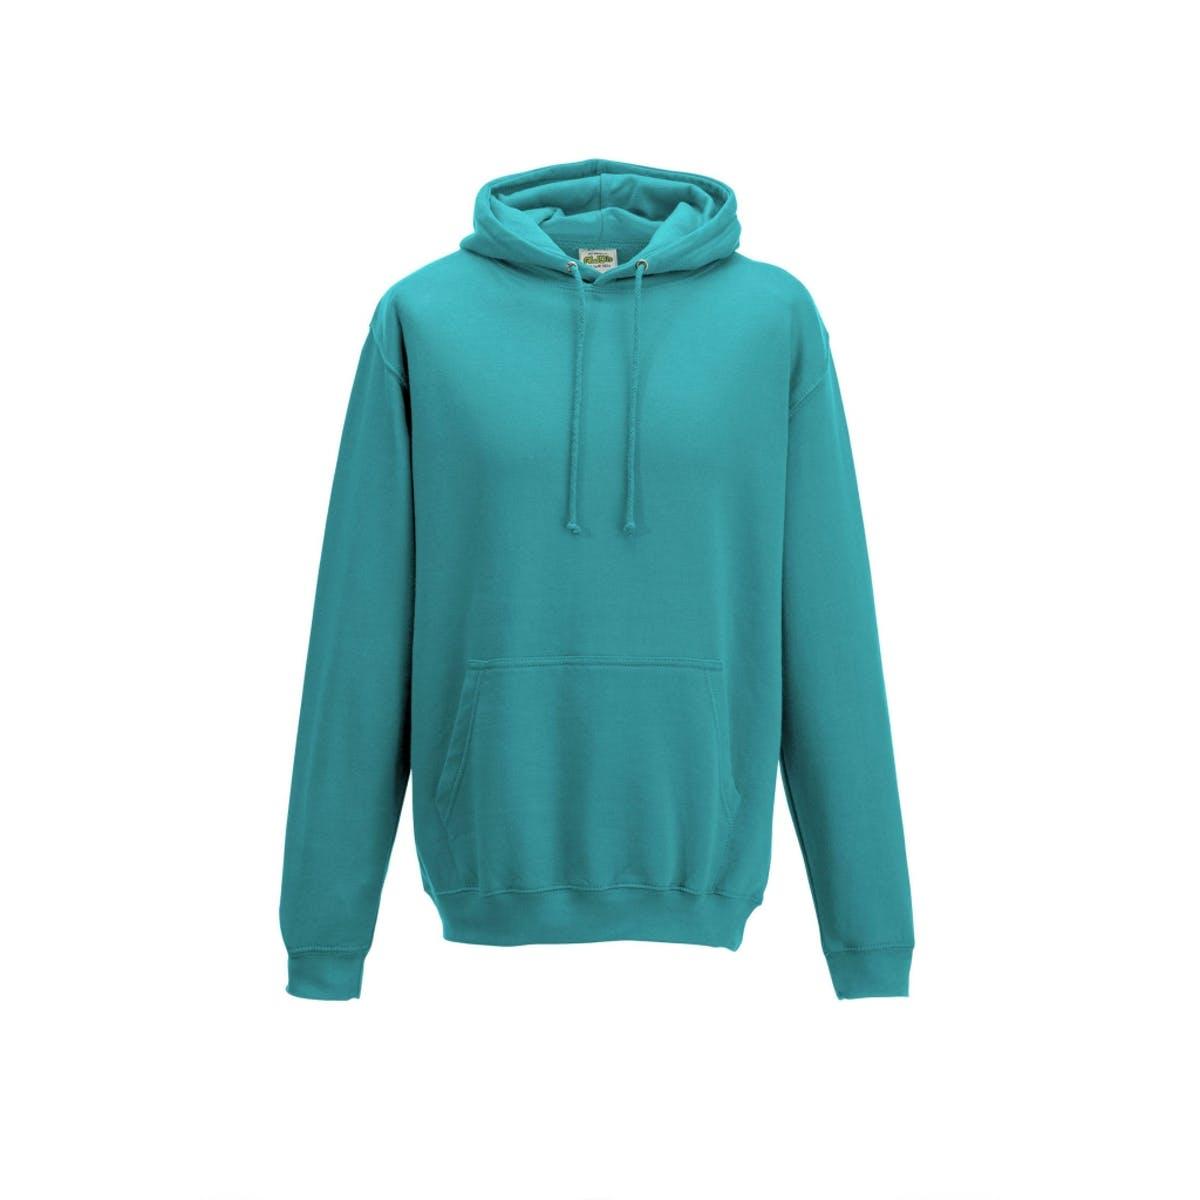 hawaiian blue college hoodies